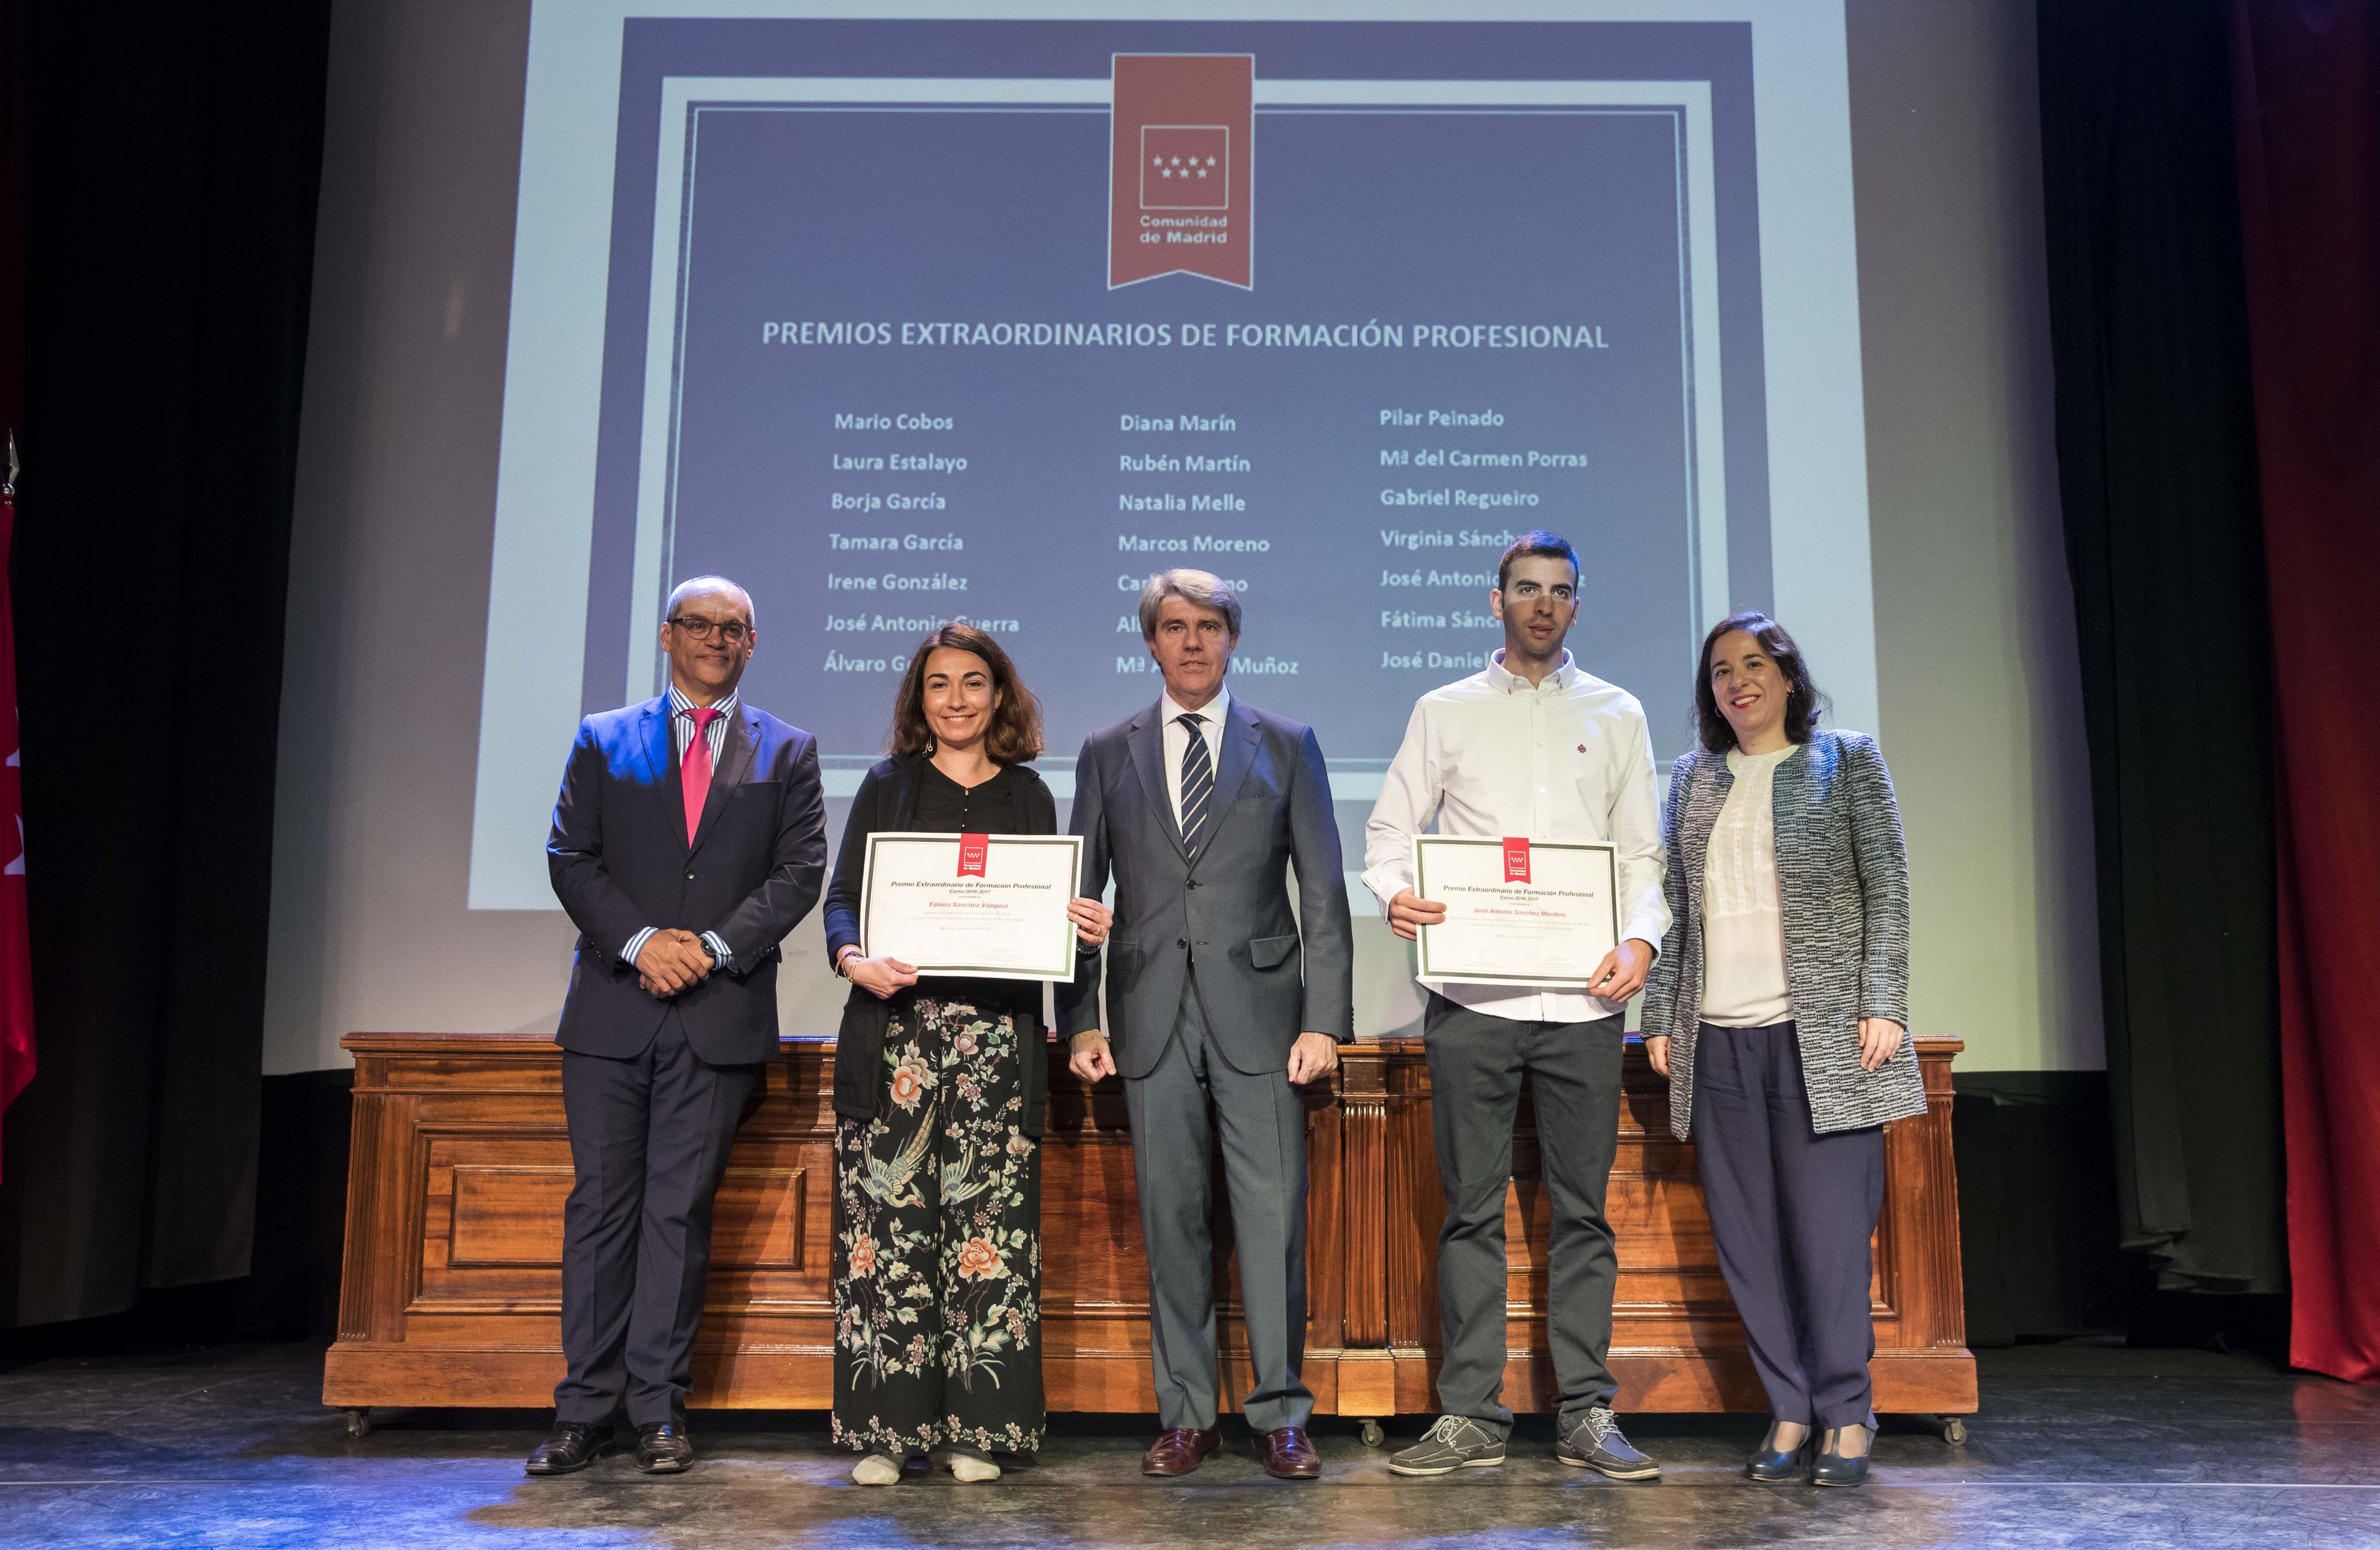 Entrega de los premios extraordinarios correspondientes al curso 2016/2017 18